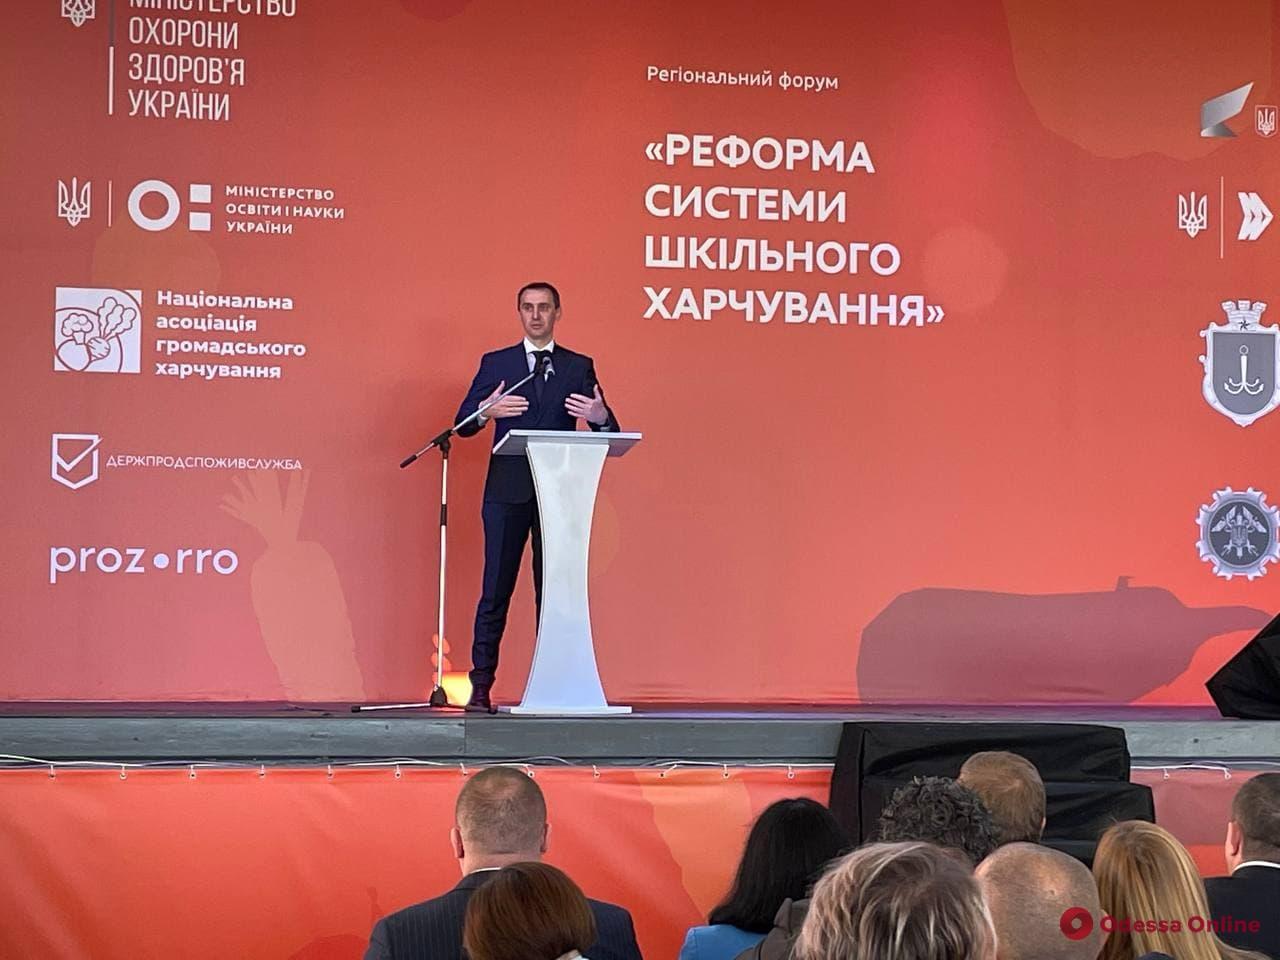 Украина пока остается в «зеленой» зоне, а МОЗ добивается смягчения требований для работы школ в «желтой», — министр здравоохранения Ляшко